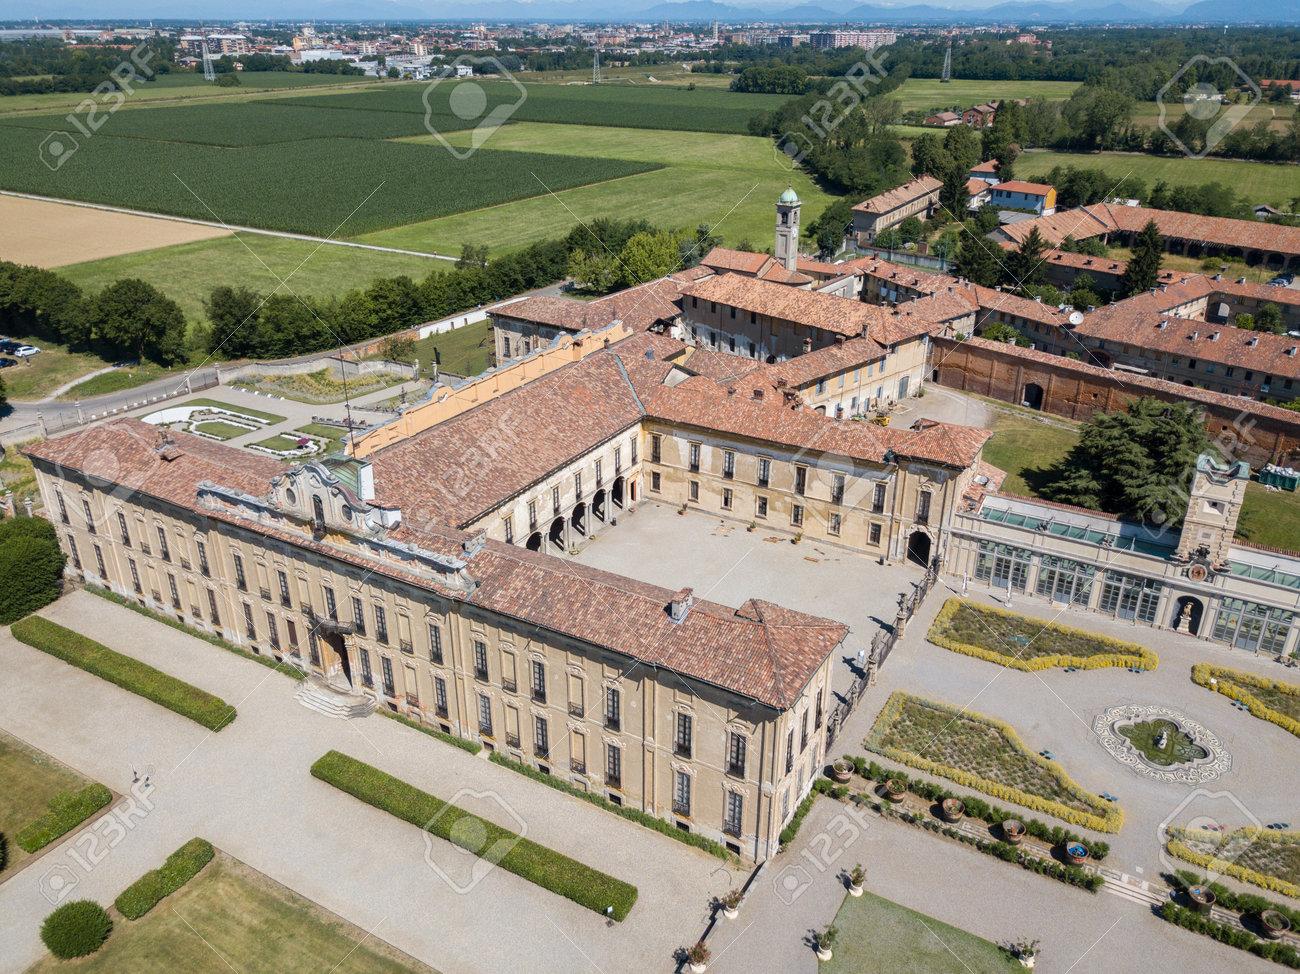 Villa Arconati Castellazzo Bollate Milan Italy Aerial View